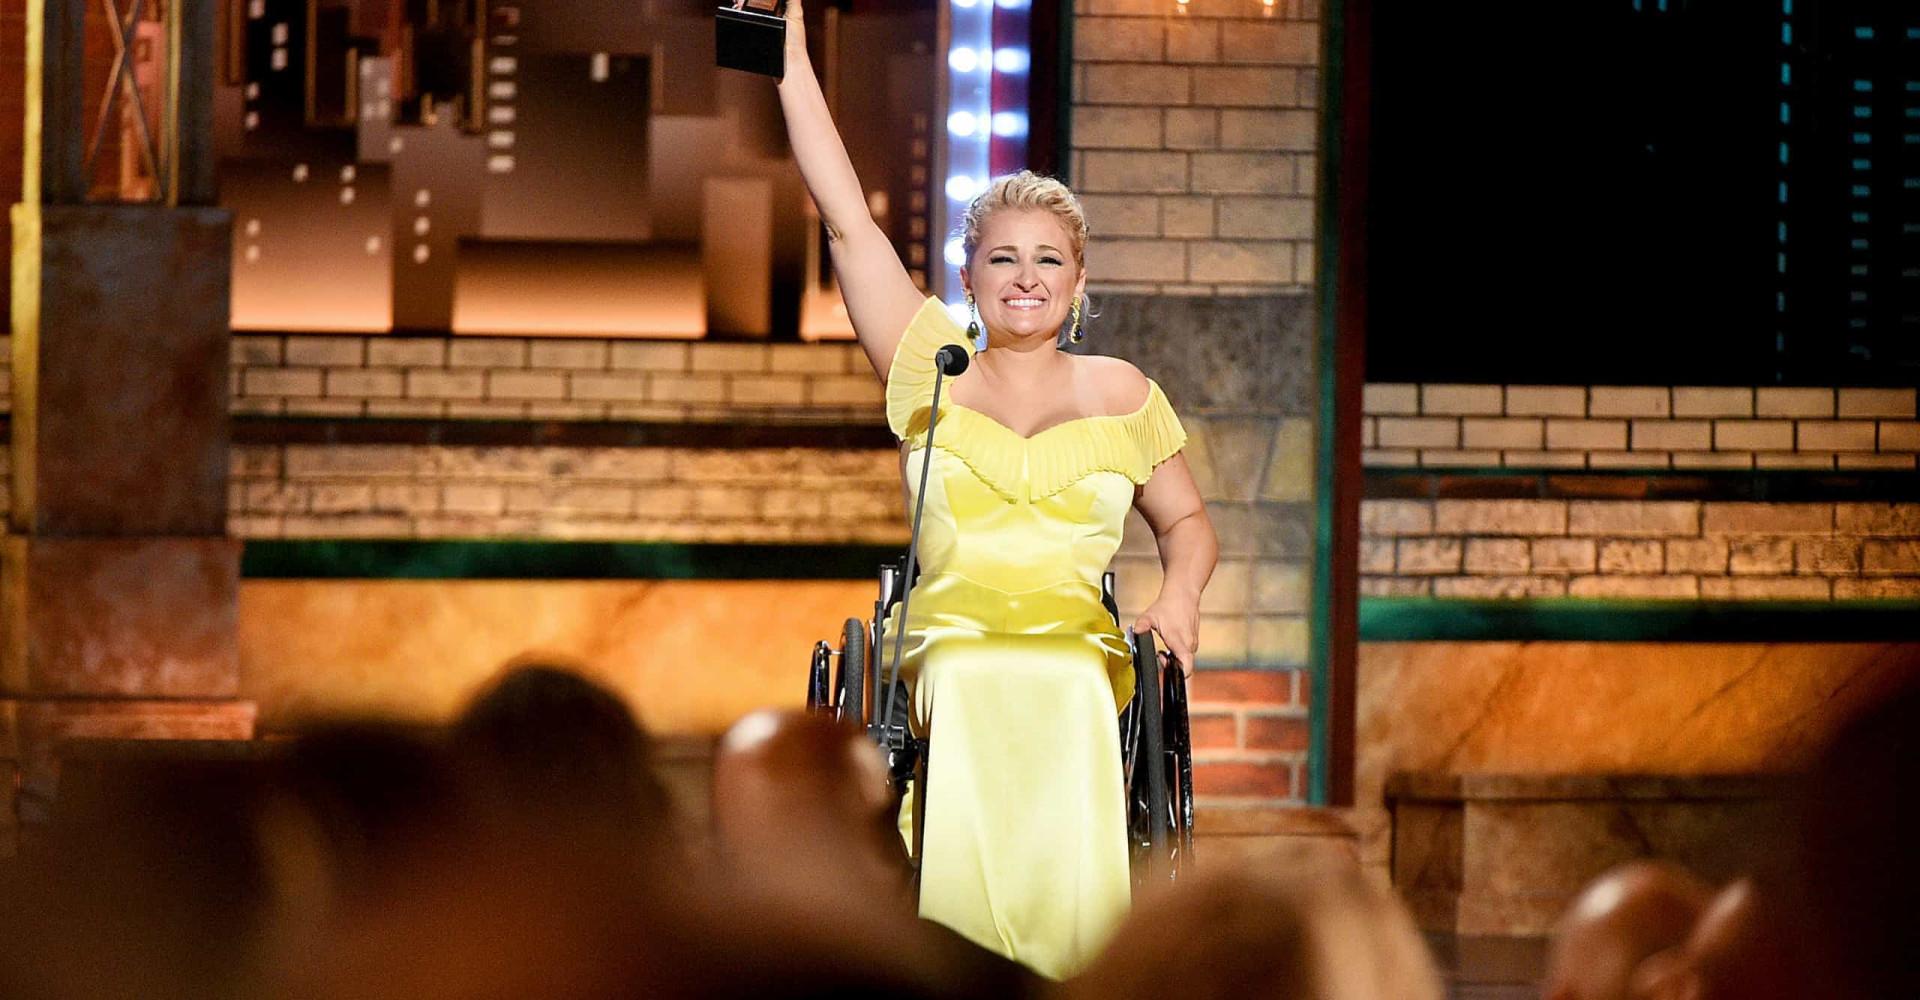 Le handicap n'a pas été une barrière pour ces célébrités